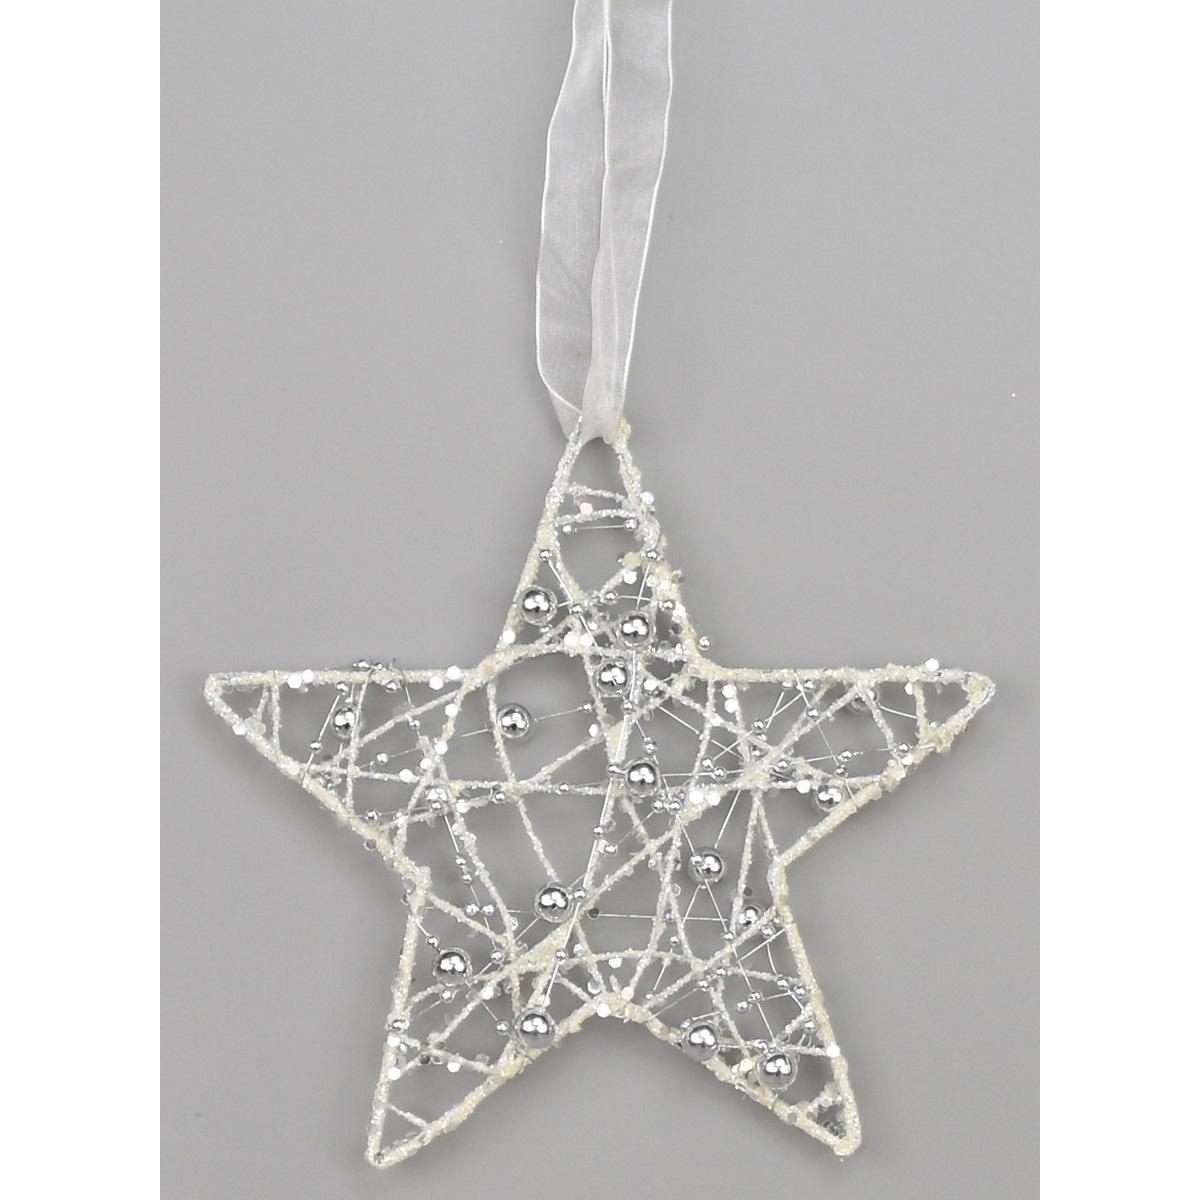 Vánoční hvězda Visalia bílá, 15 cm